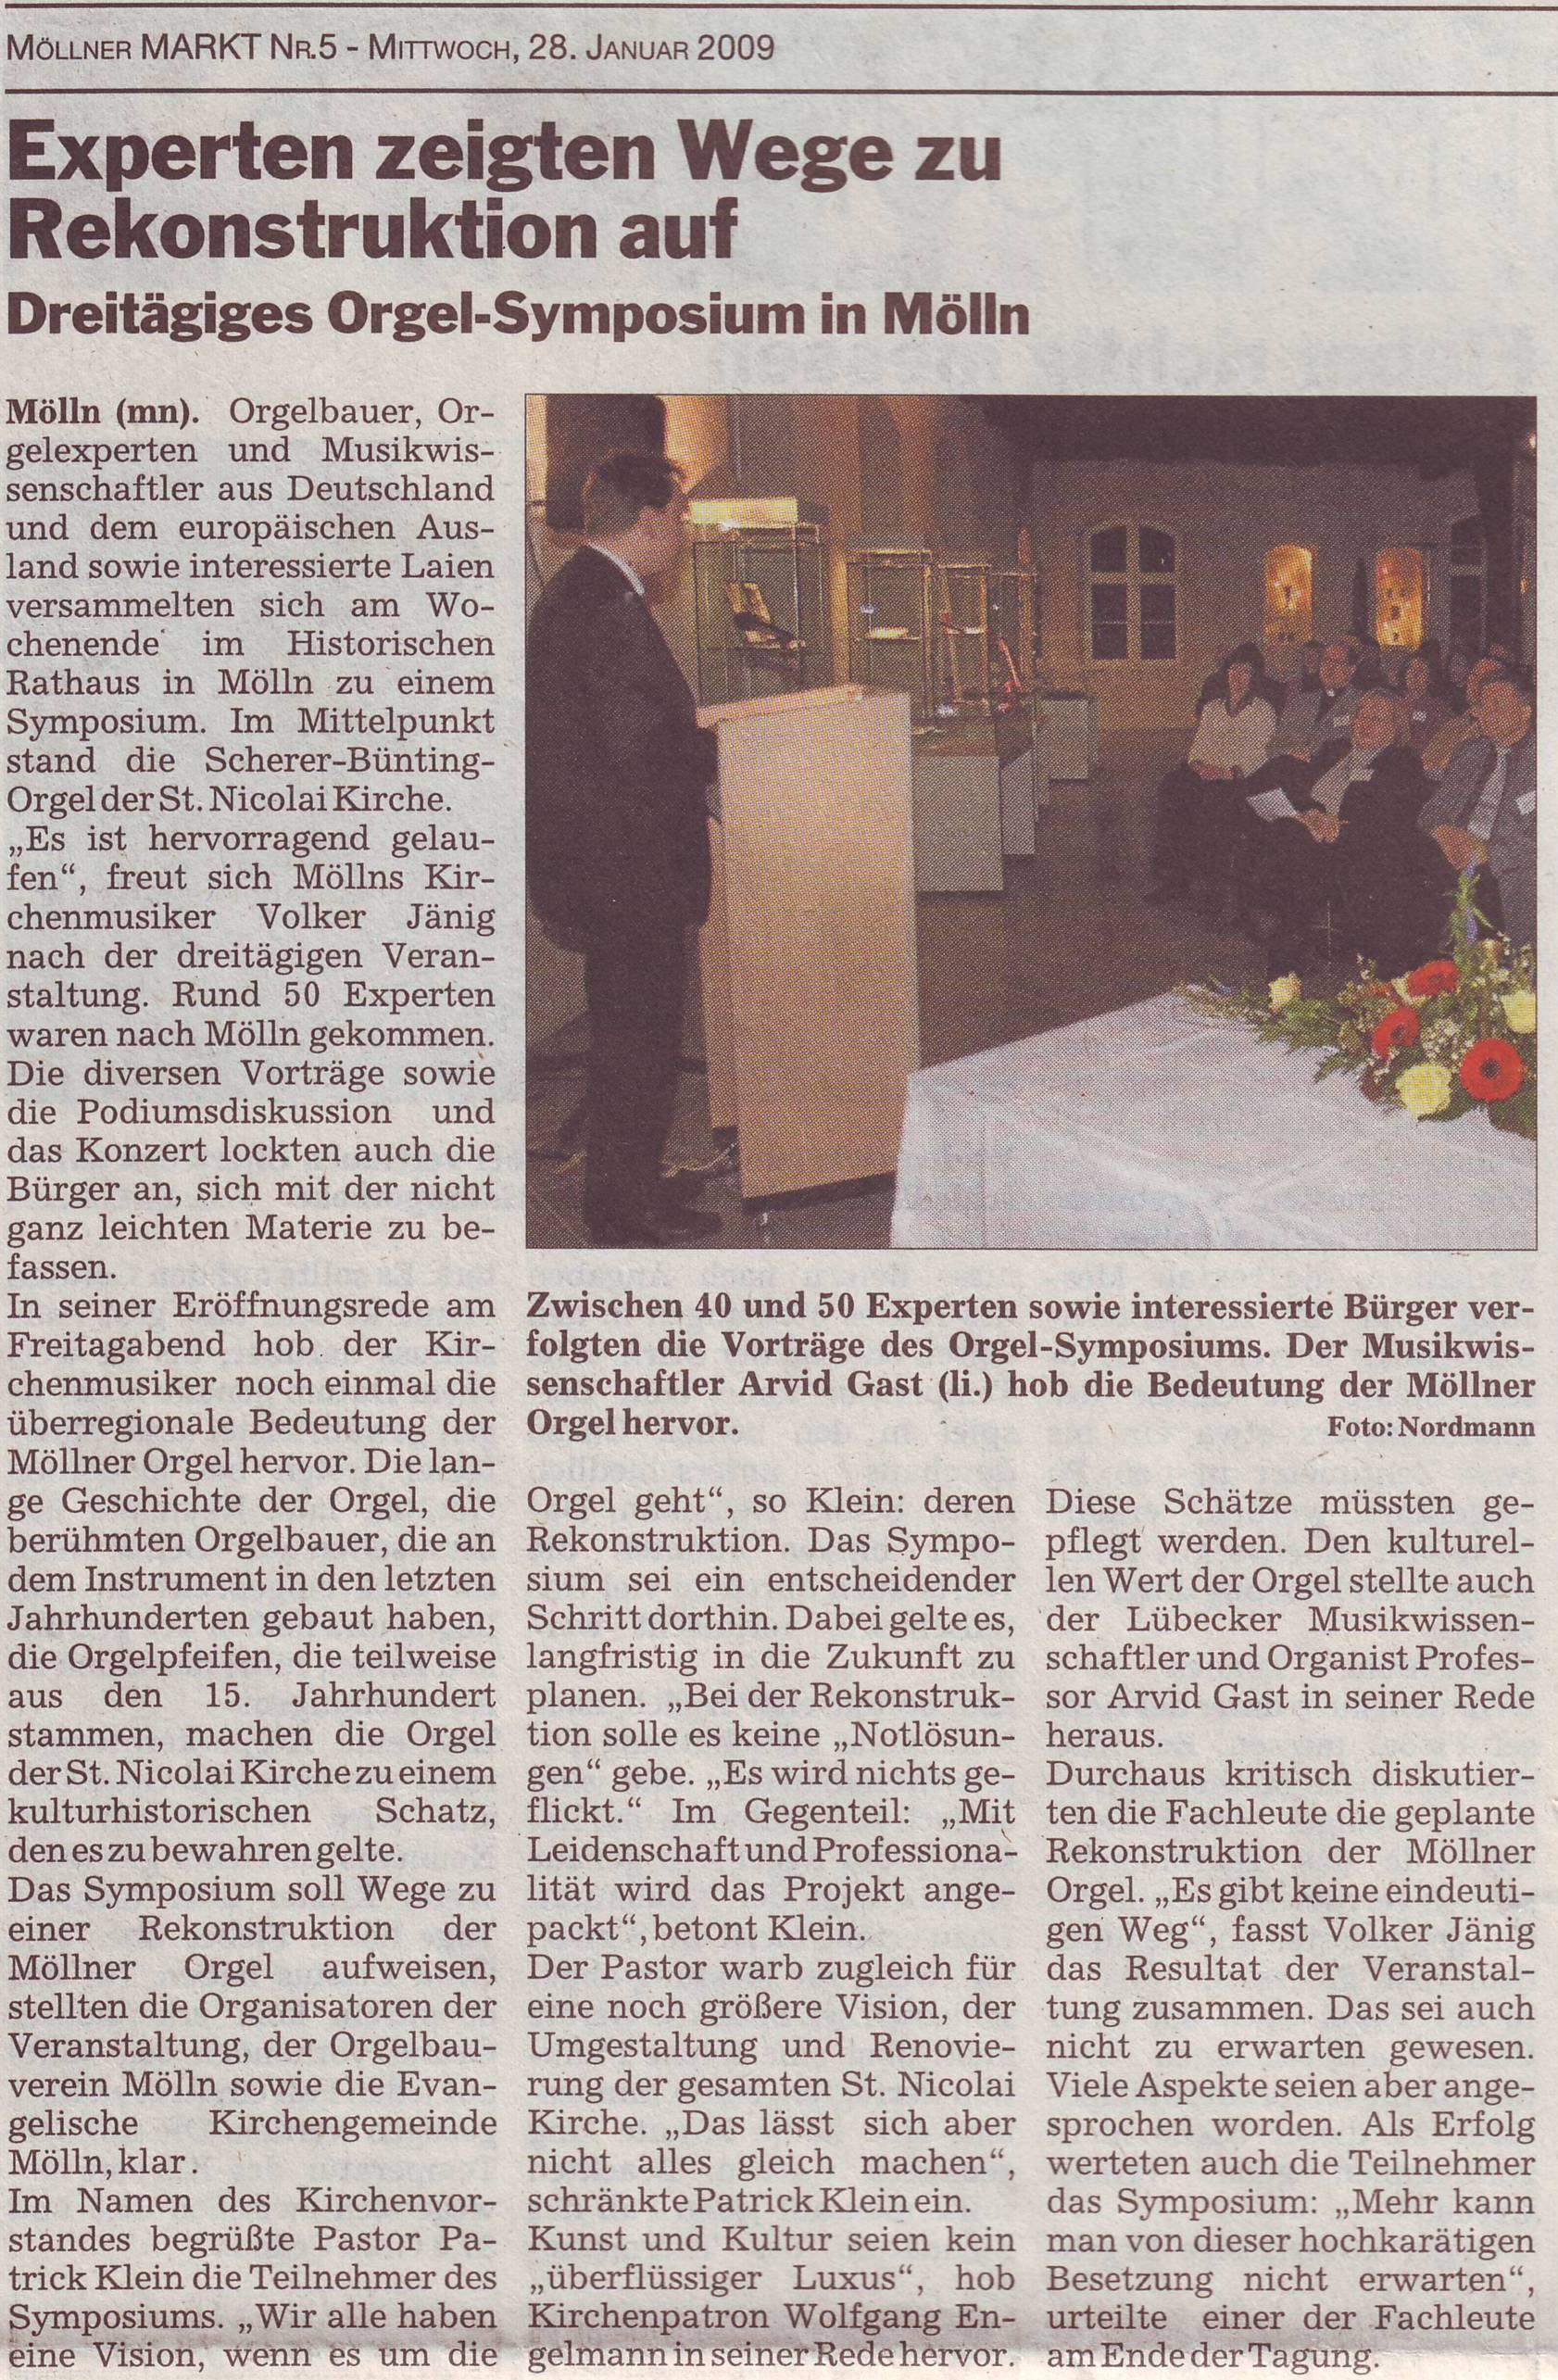 2009-01-28_moellner-markt_experten_zeigten_wege_zu_rekonstruktion_auf